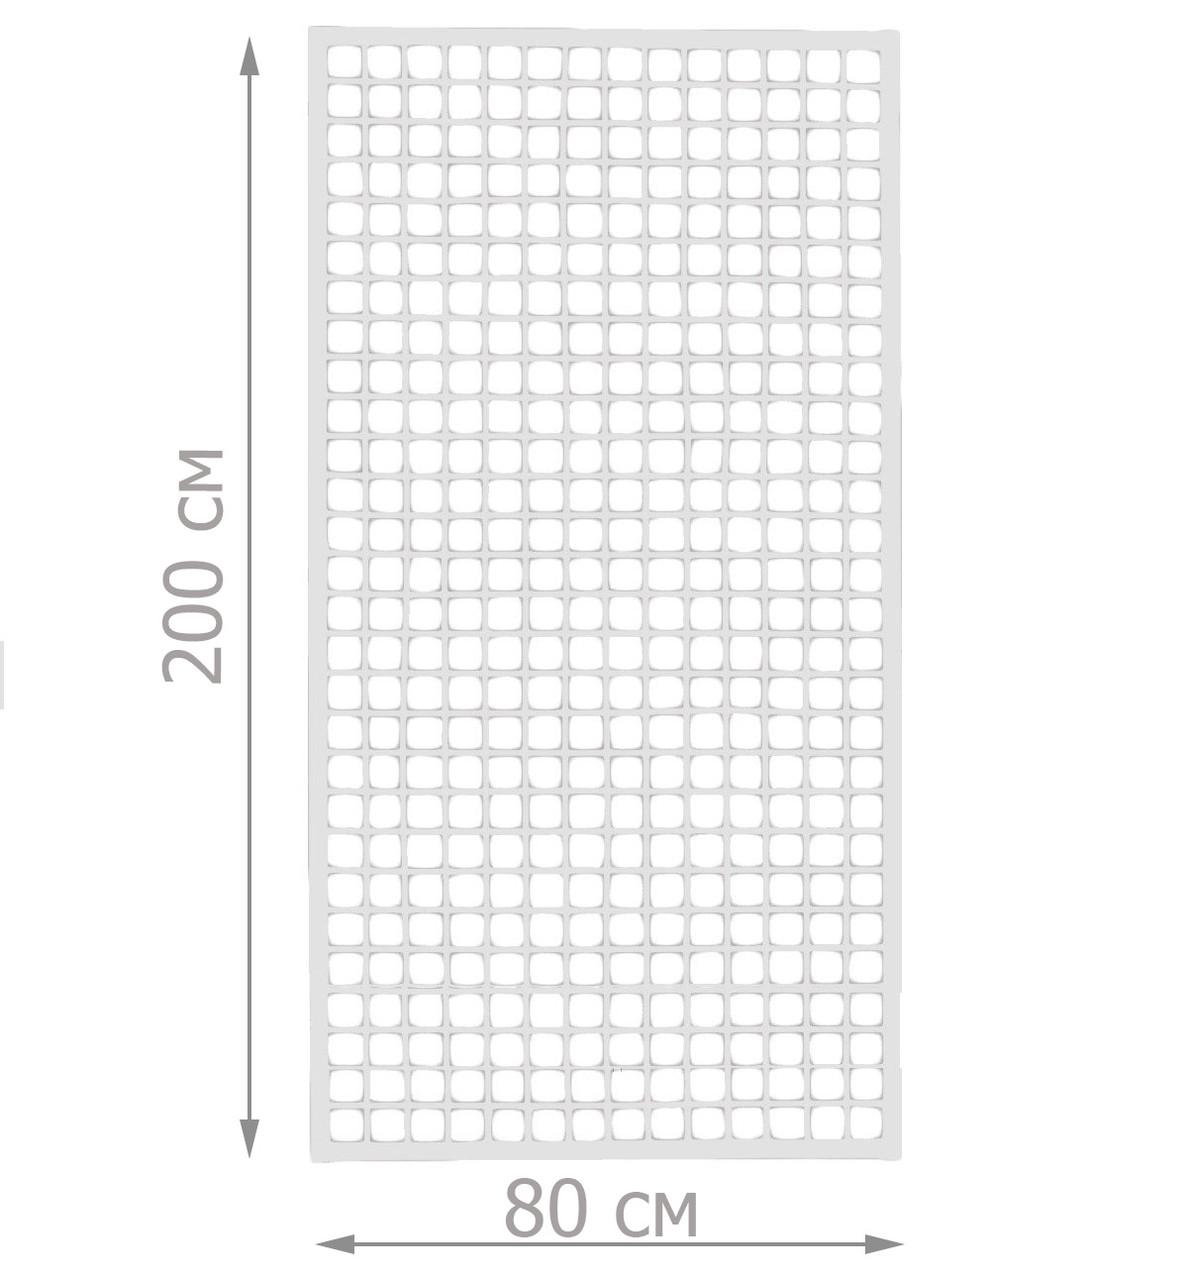 Торговая сетка стенд в рамке 80/200см профиль 15х15 мм (от производителя оптом и в розницу)